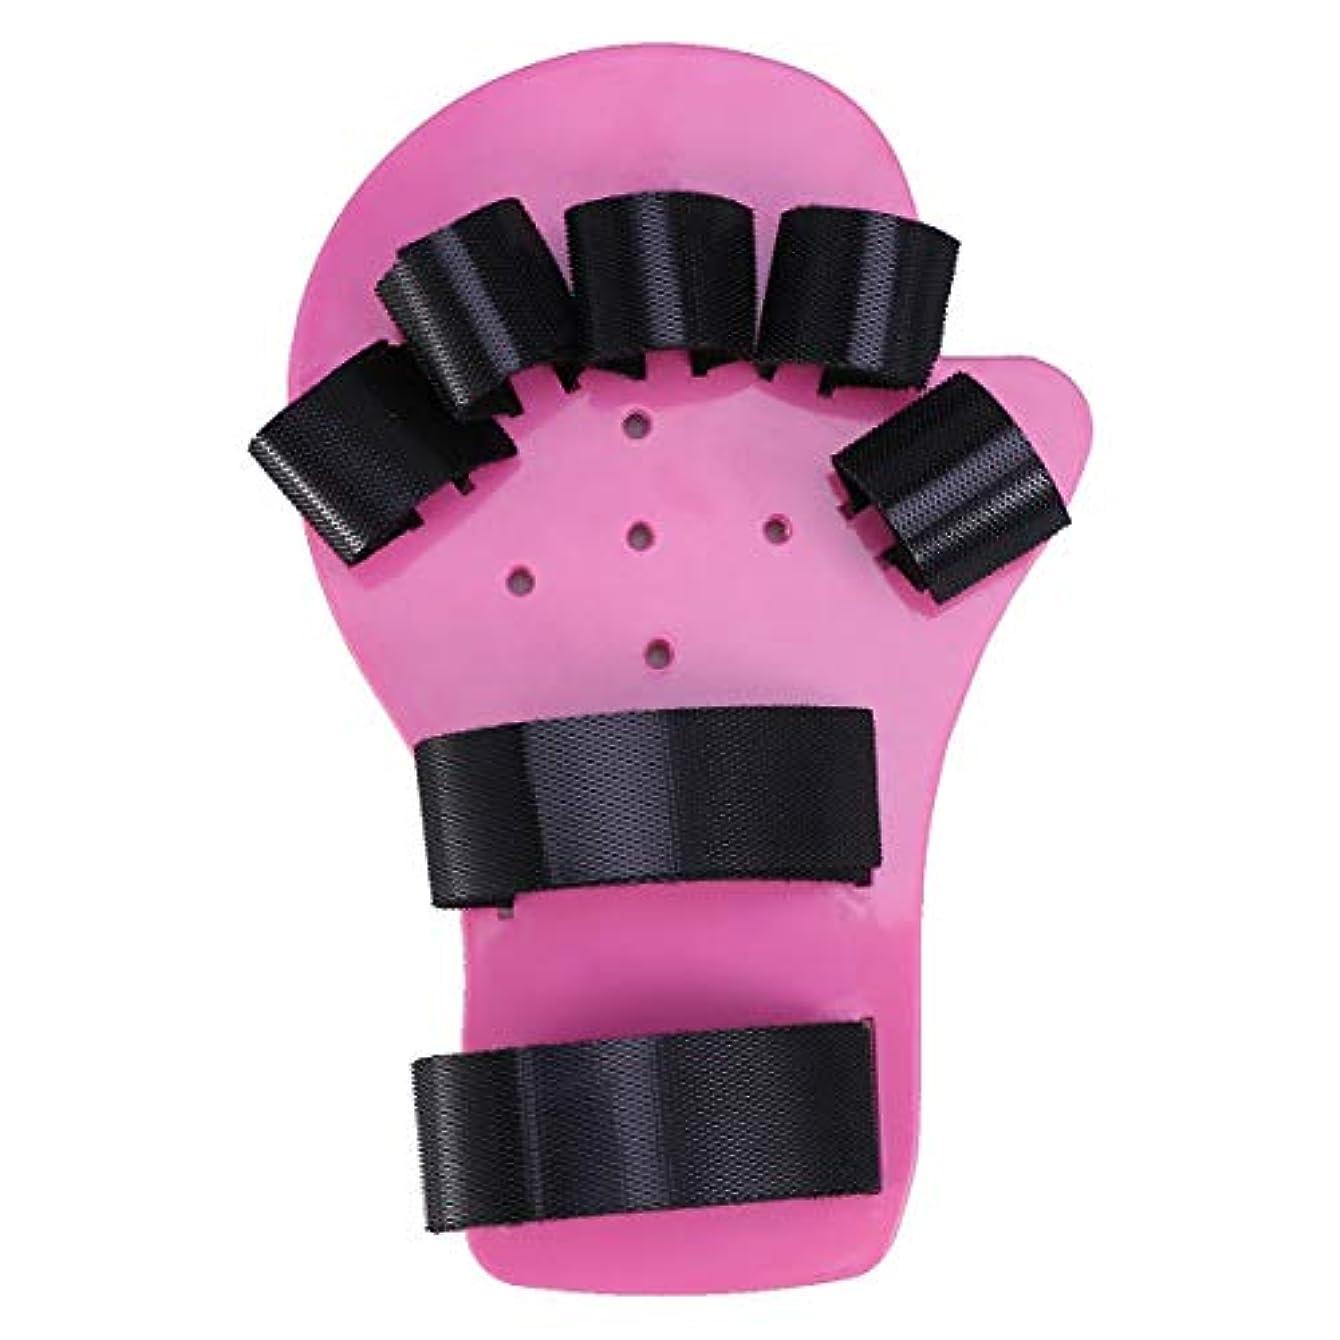 操作可能はちみつ待ってHealifty 指矯正指板ストロークハンドスプリントトレーニングサポート手首トレーニング装具子供用子供子供1-5歳(ロングスタイル、ピンク)